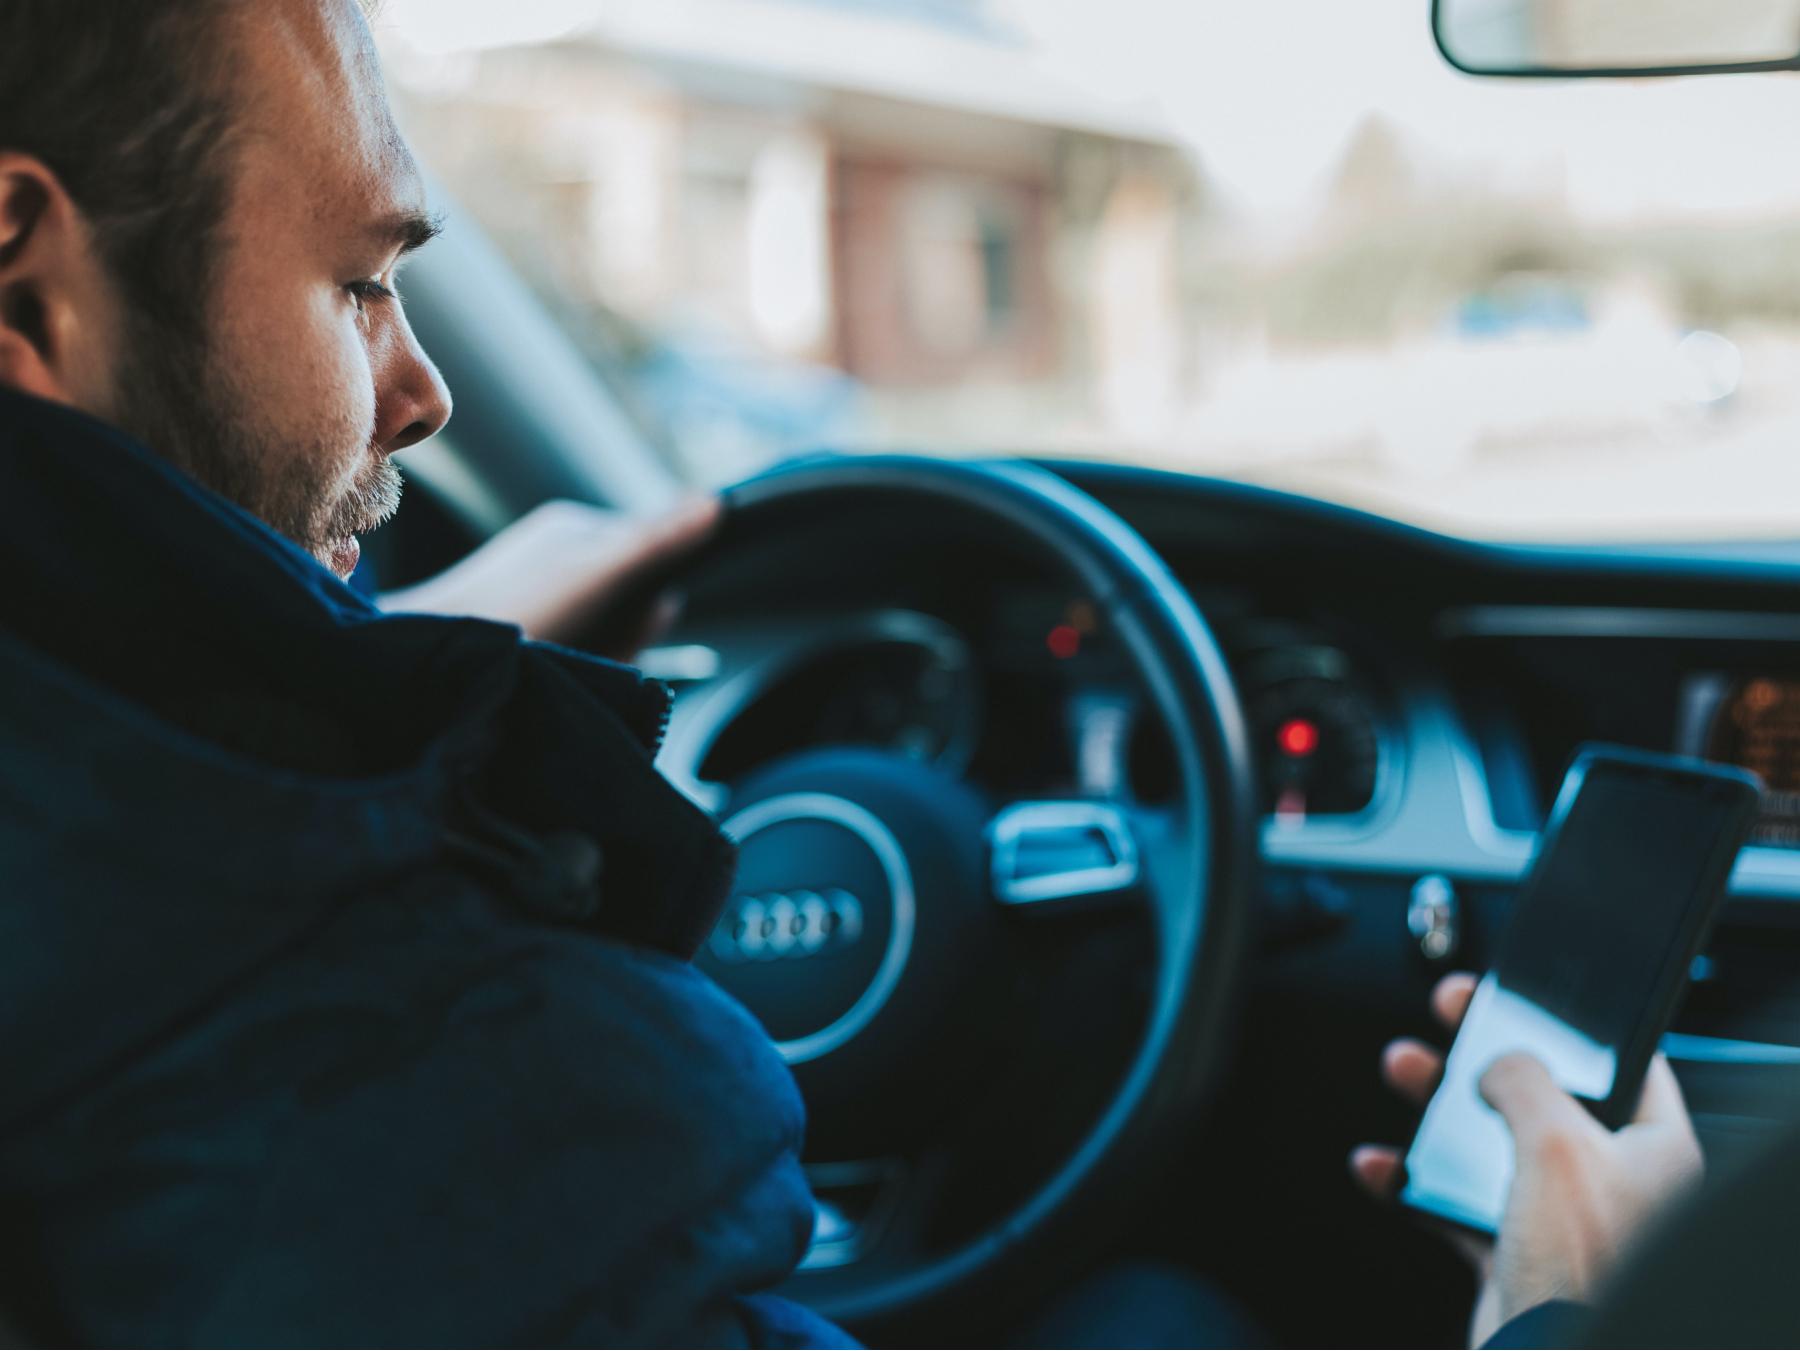 Navigare, chattare, farsi selfie al volante: un'abitudine criminale che coinvolge un numero sempre maggiore di utenti della strada. Ecco 10 ottime ragioni per non farlo!